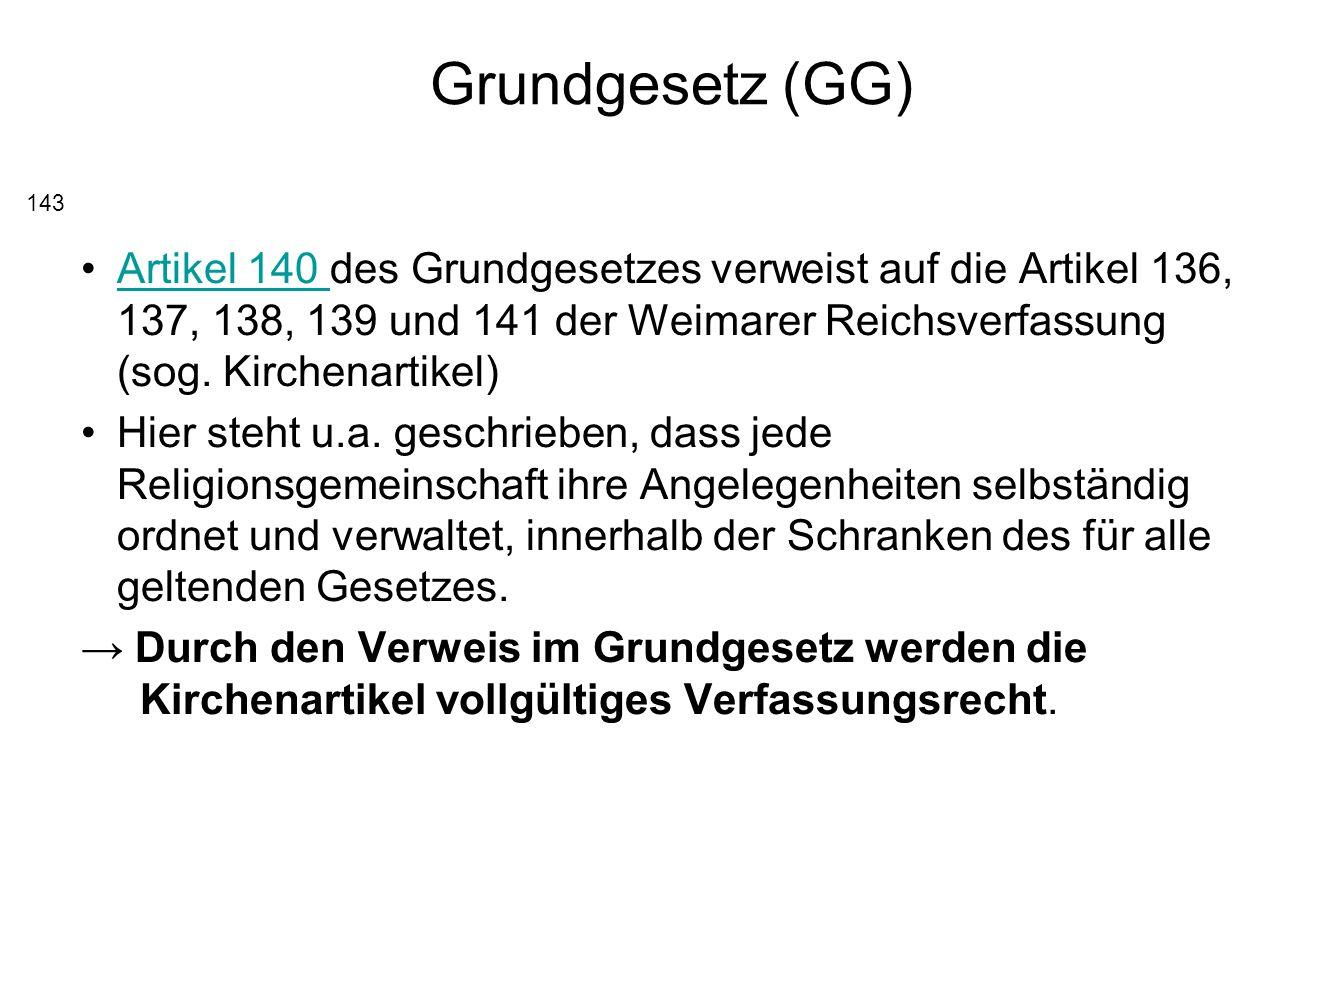 Grundgesetz (GG) Artikel 140 des Grundgesetzes verweist auf die Artikel 136, 137, 138, 139 und 141 der Weimarer Reichsverfassung (sog. Kirchenartikel)